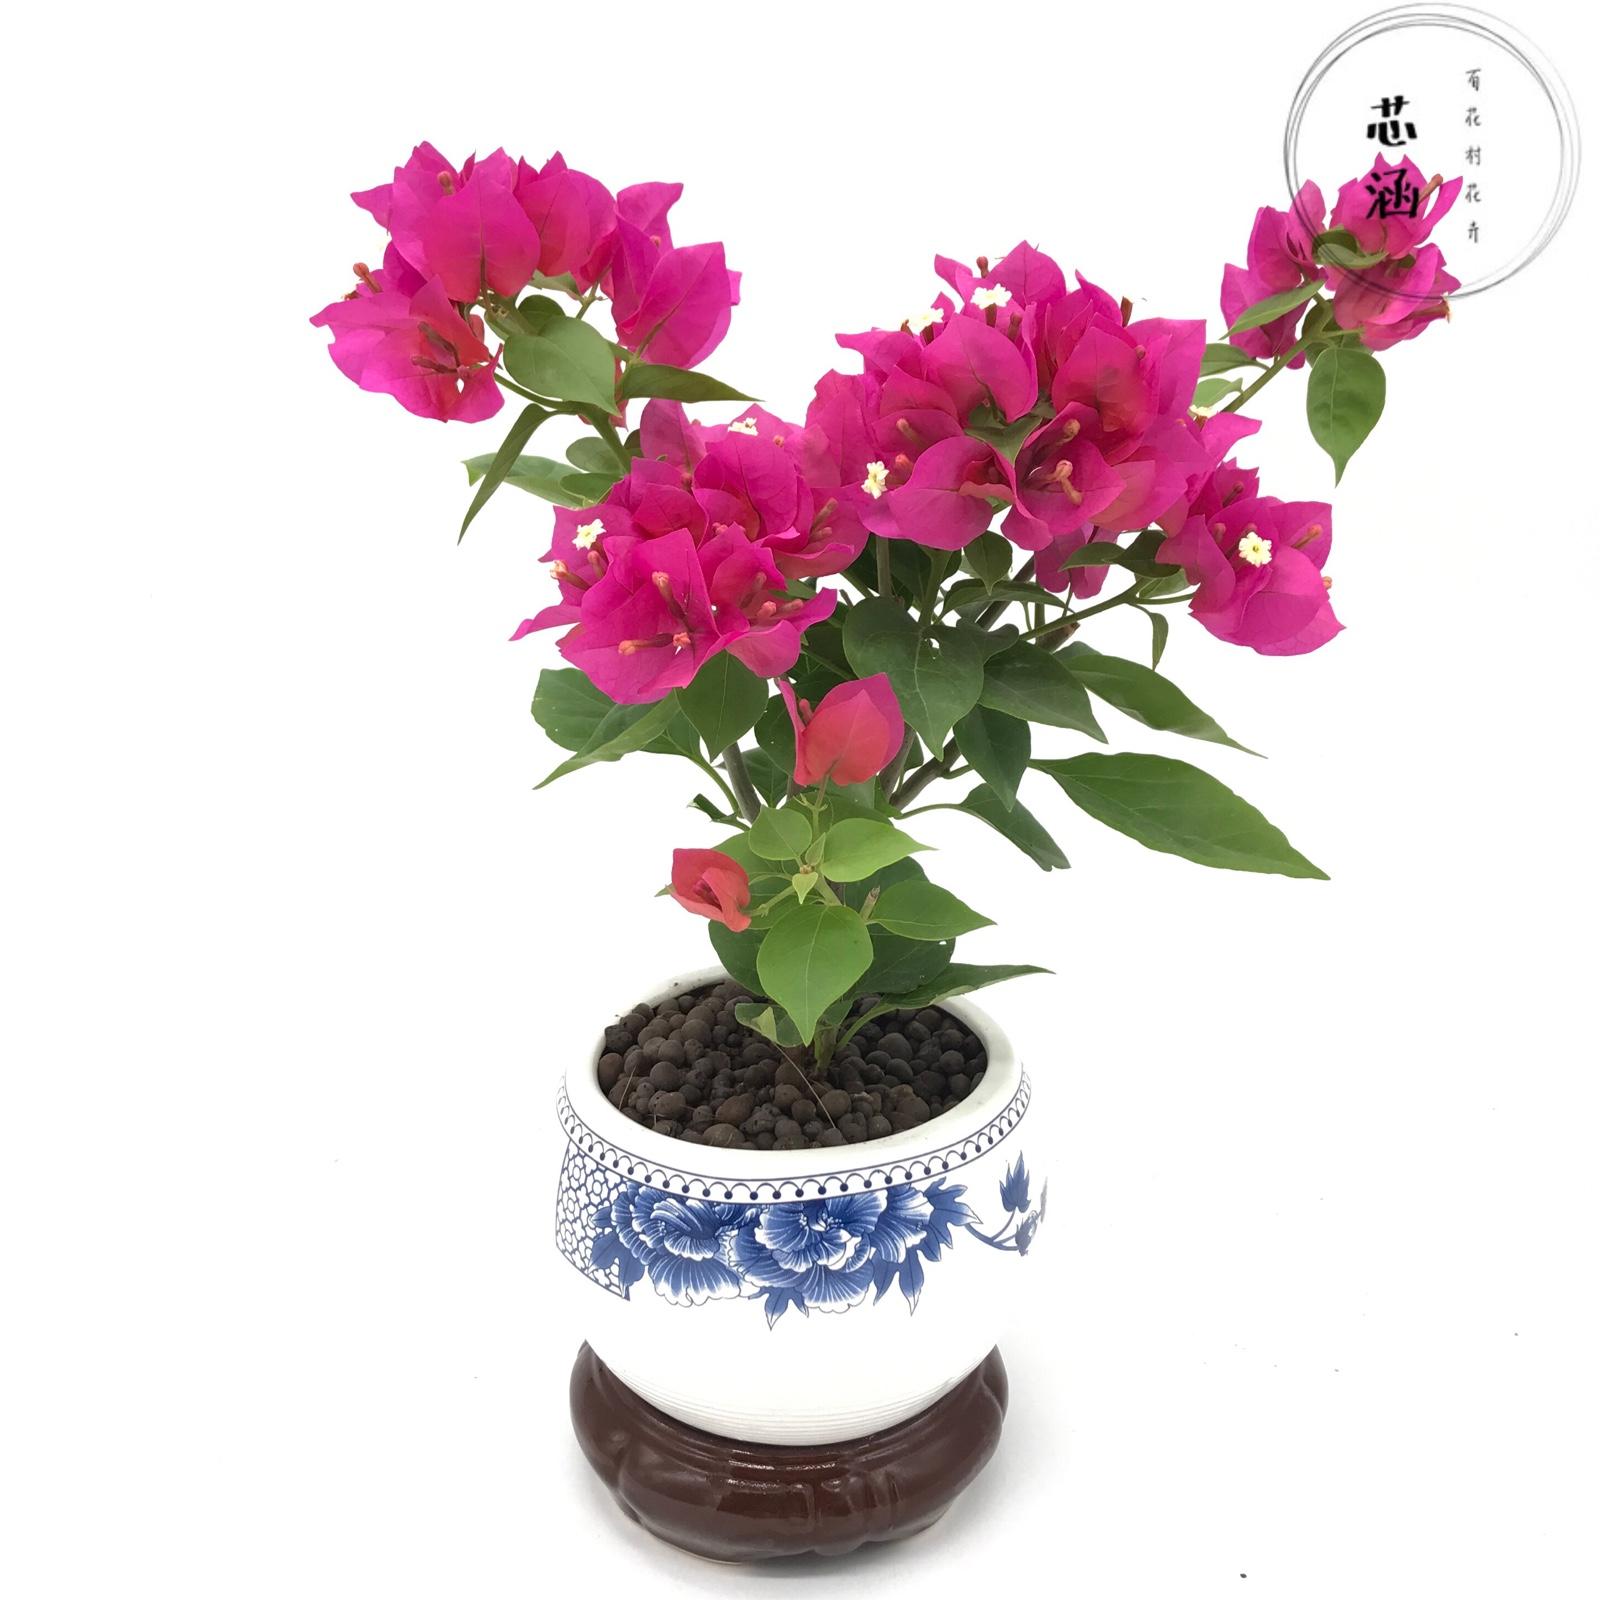 三角梅盆栽花卉四季常青开花不断阳台庭院室外木本植物潮州红盆景